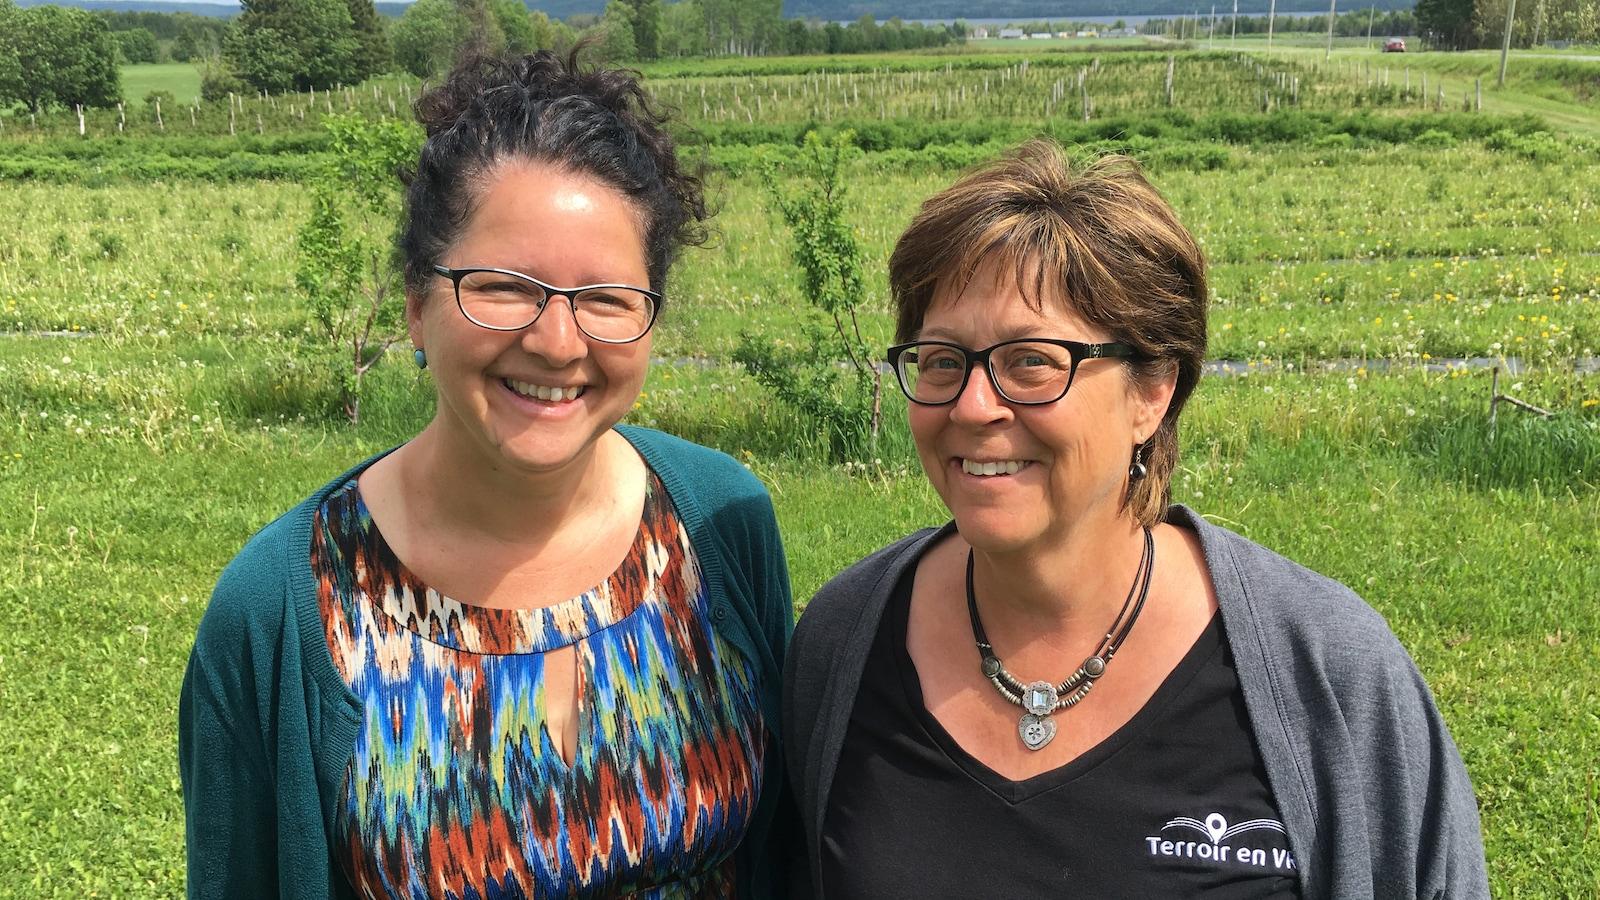 À gauche, Chantal Paradis, copropriétaire de la Vallée de la Framboise, à Val-Brillant, et Michèle Bourassa, cofondatrice de Terroir en VR.